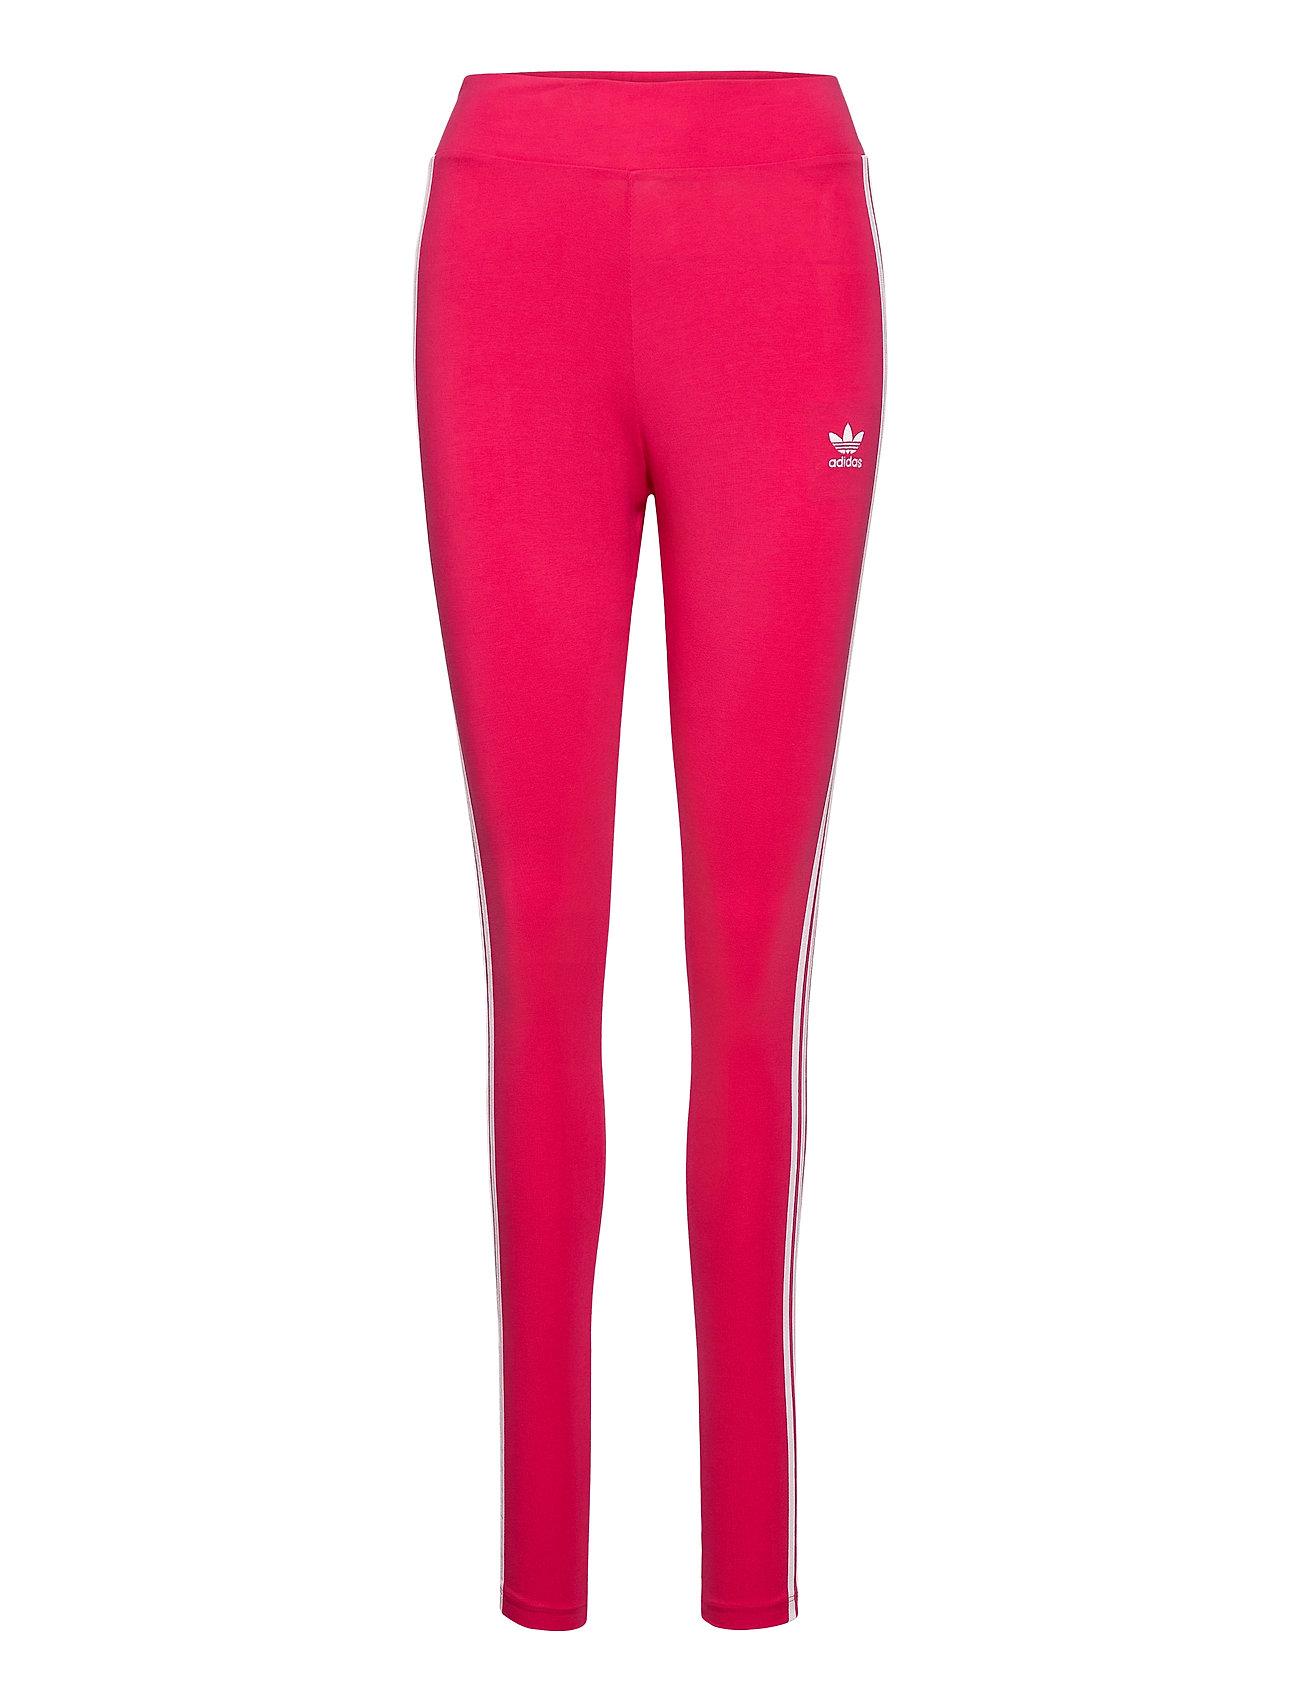 Image of 3 Str Tight Running/training Tights Rød Adidas Originals (3445308155)